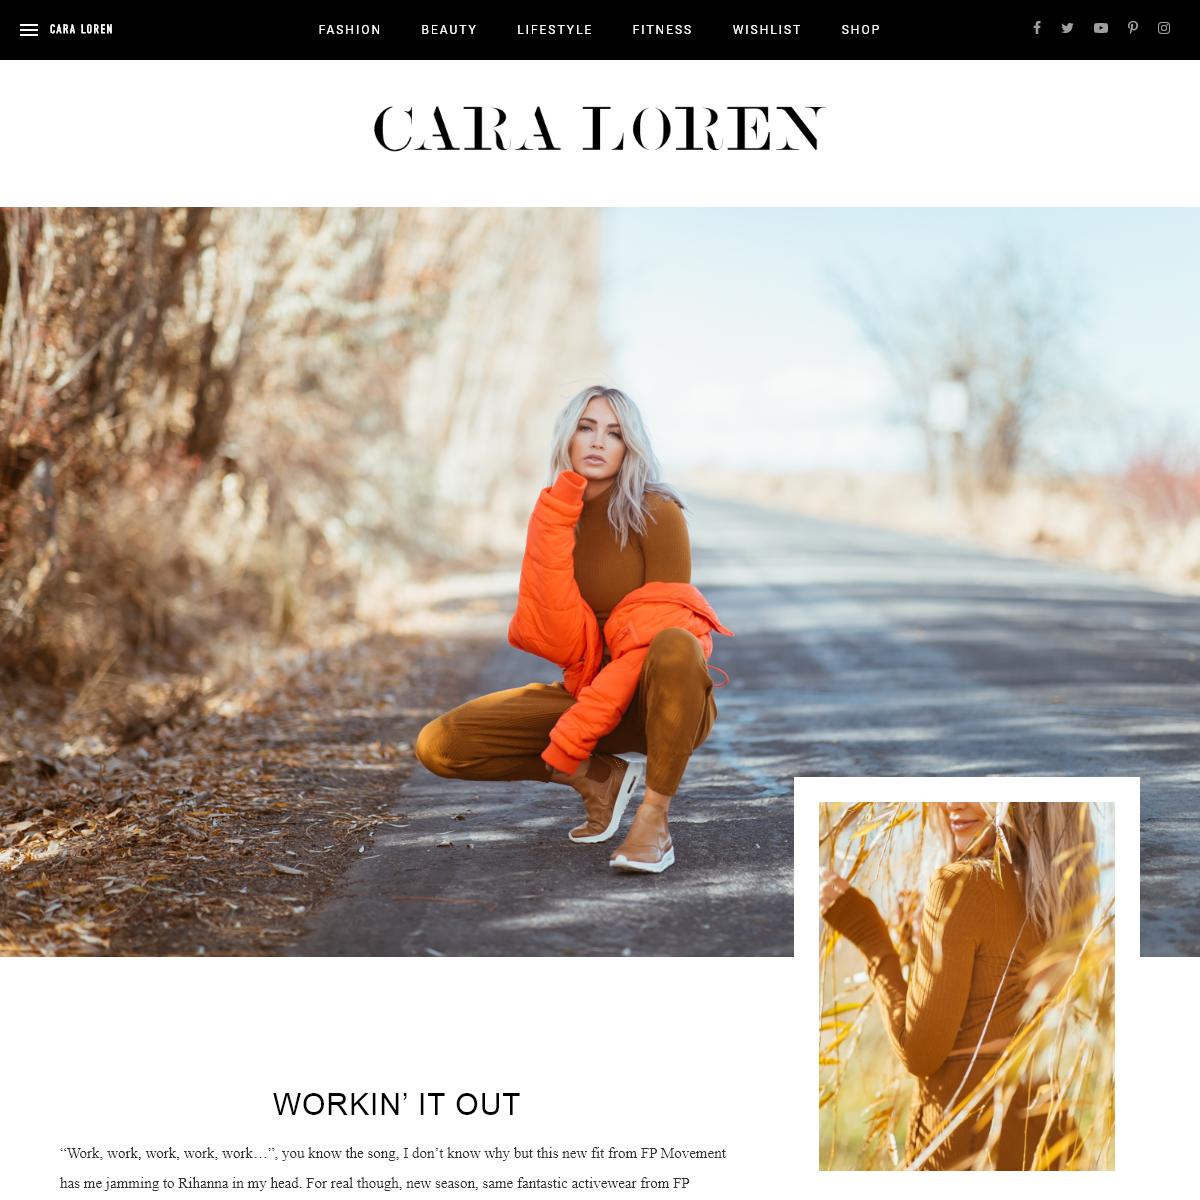 Cara Loren - Fashion Lifestyle Blog